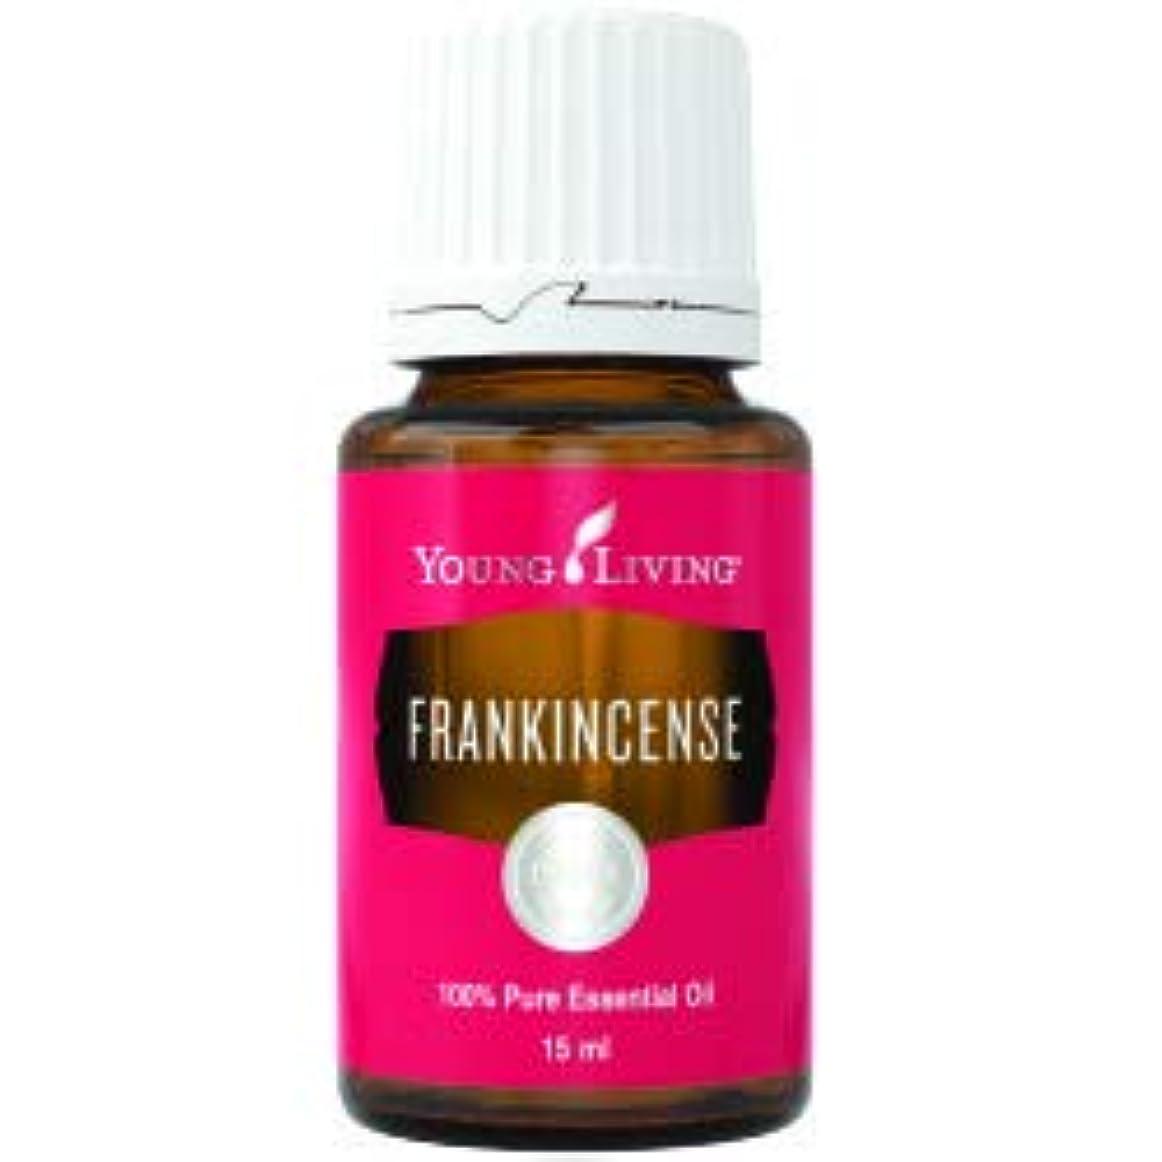 潜在的なユーモア経験フランキンセンスエッセンシャルオイル ヤングリビングエッセンシャルオイルマレーシア15ml Frankincense Essential Oil 15ml by Young Living Essential Oil Malaysia